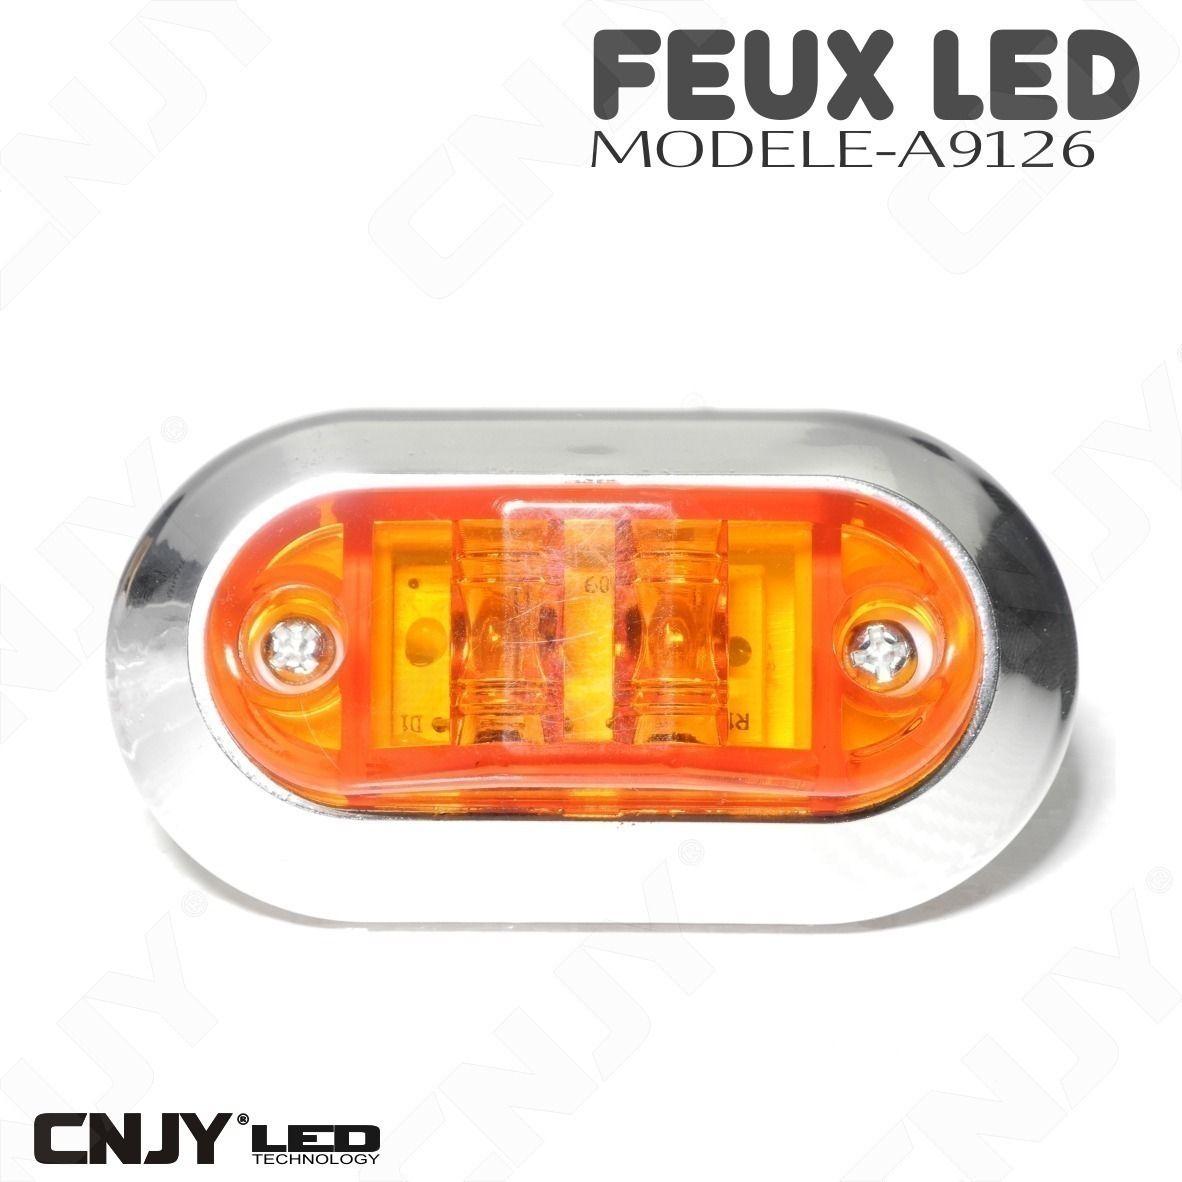 feux,de,gabarit,led,orange,puissant,remorque,auto,camion,12v,24v,ip68